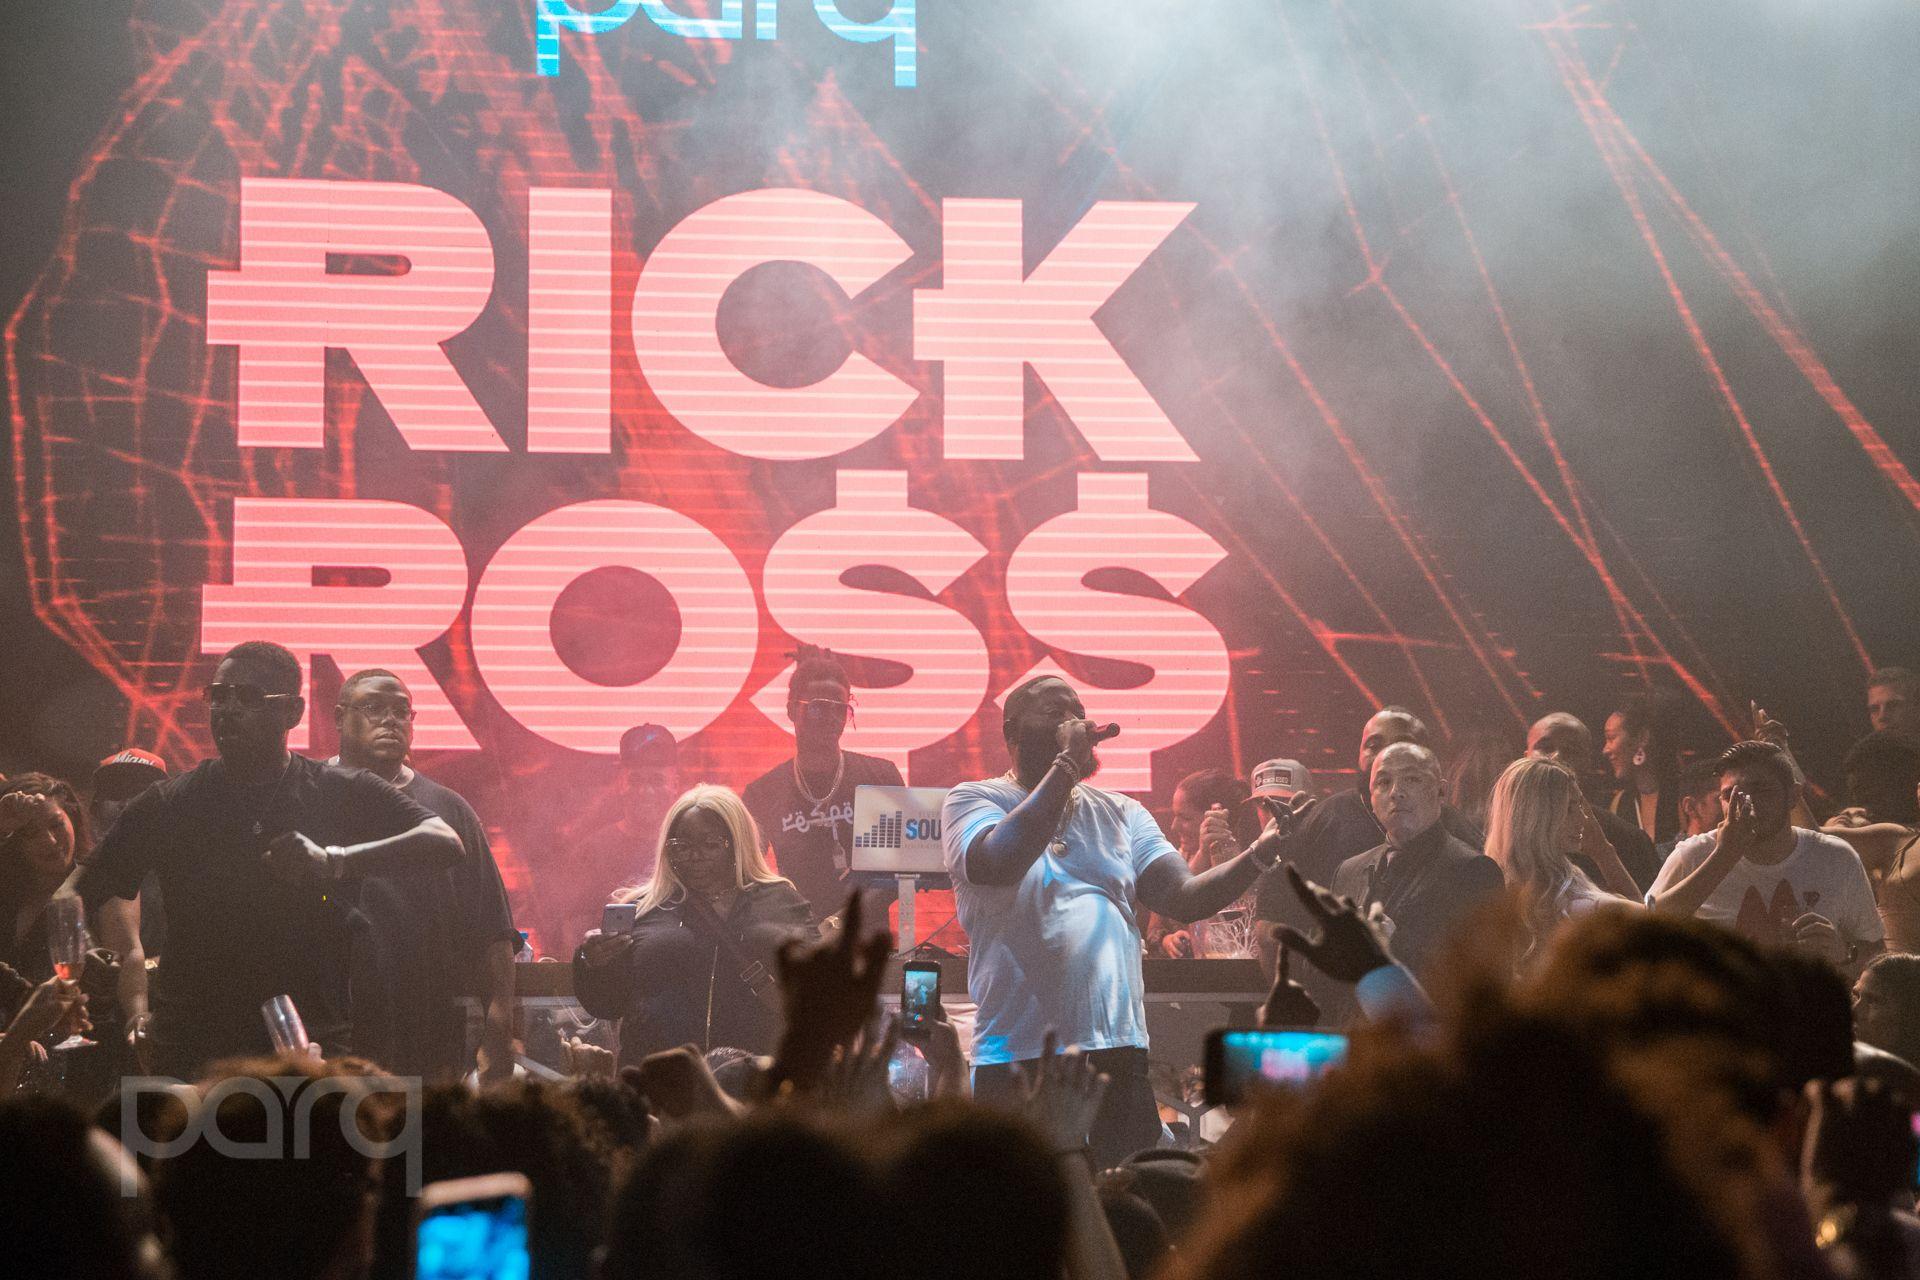 09.03.17 Parq - Rick Ross-44.jpg